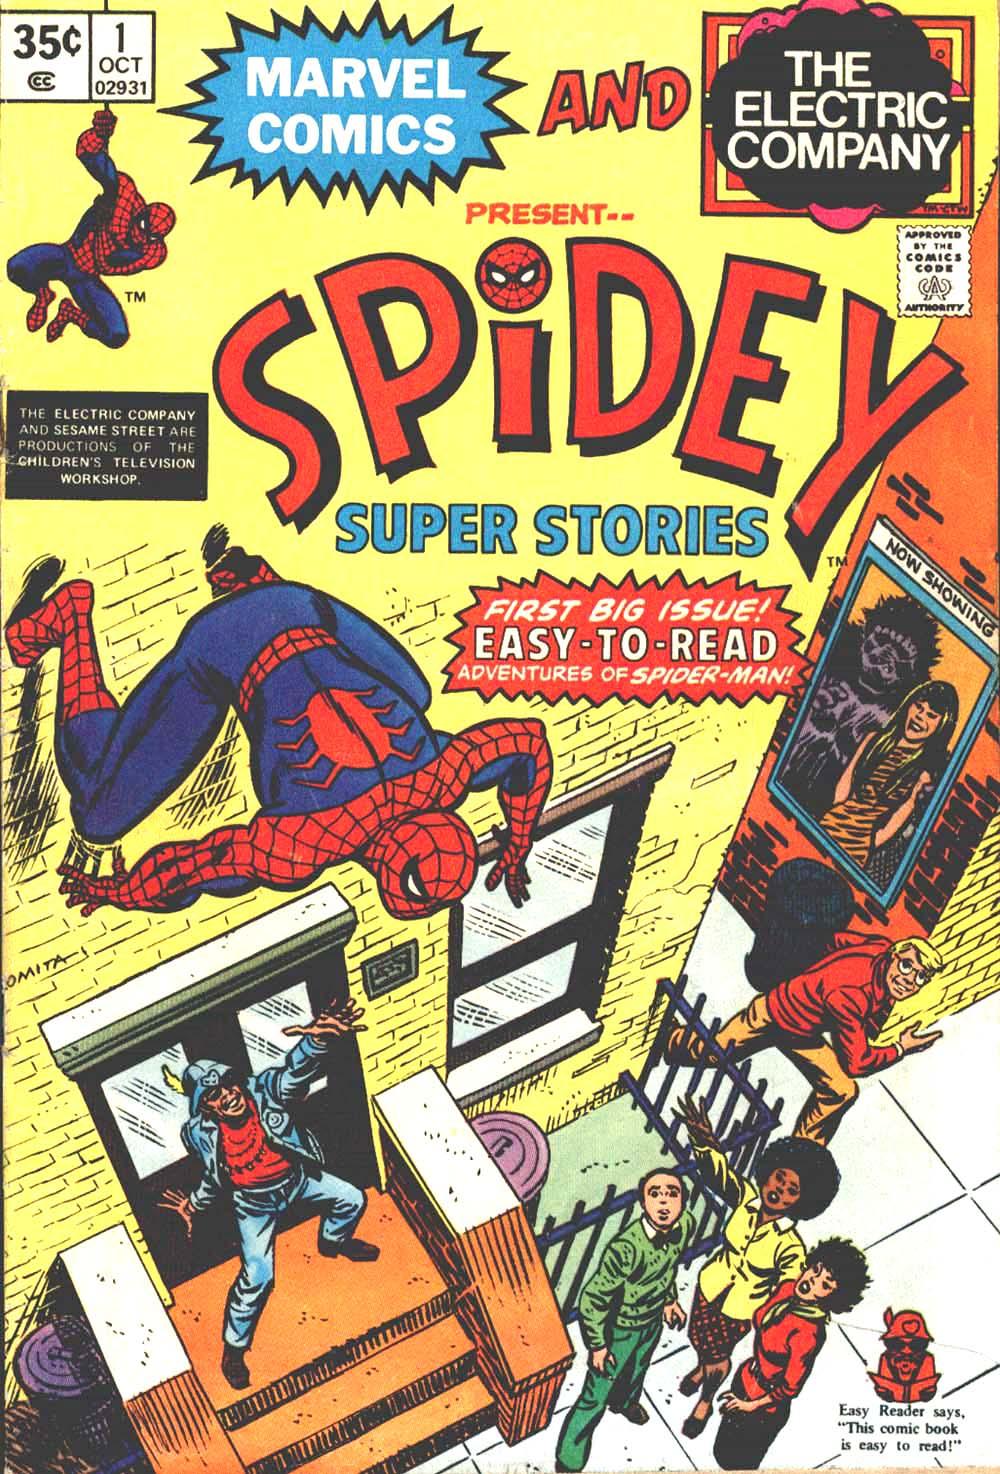 Spidey Super Stories 1 Page 1